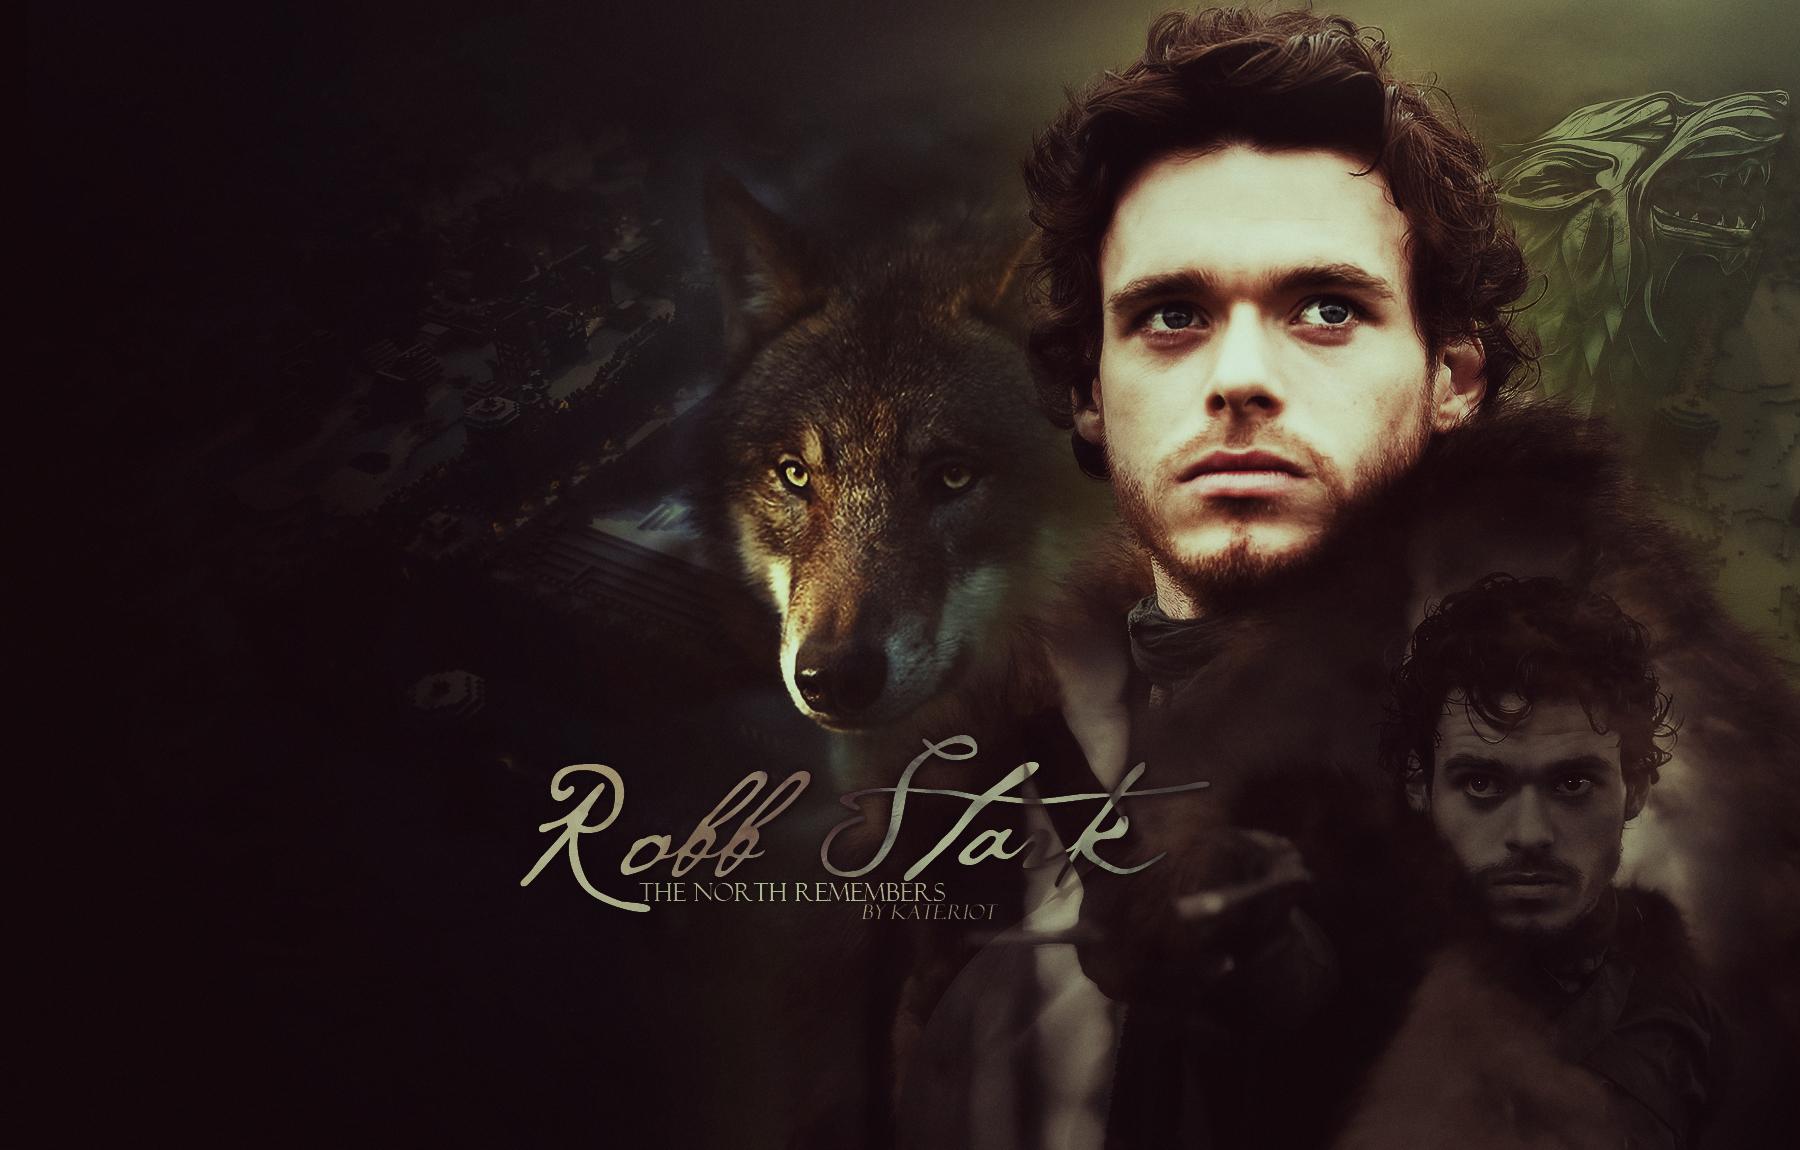 Robb Stark Game Of Thrones Fond D Ecran 36188148 Fanpop